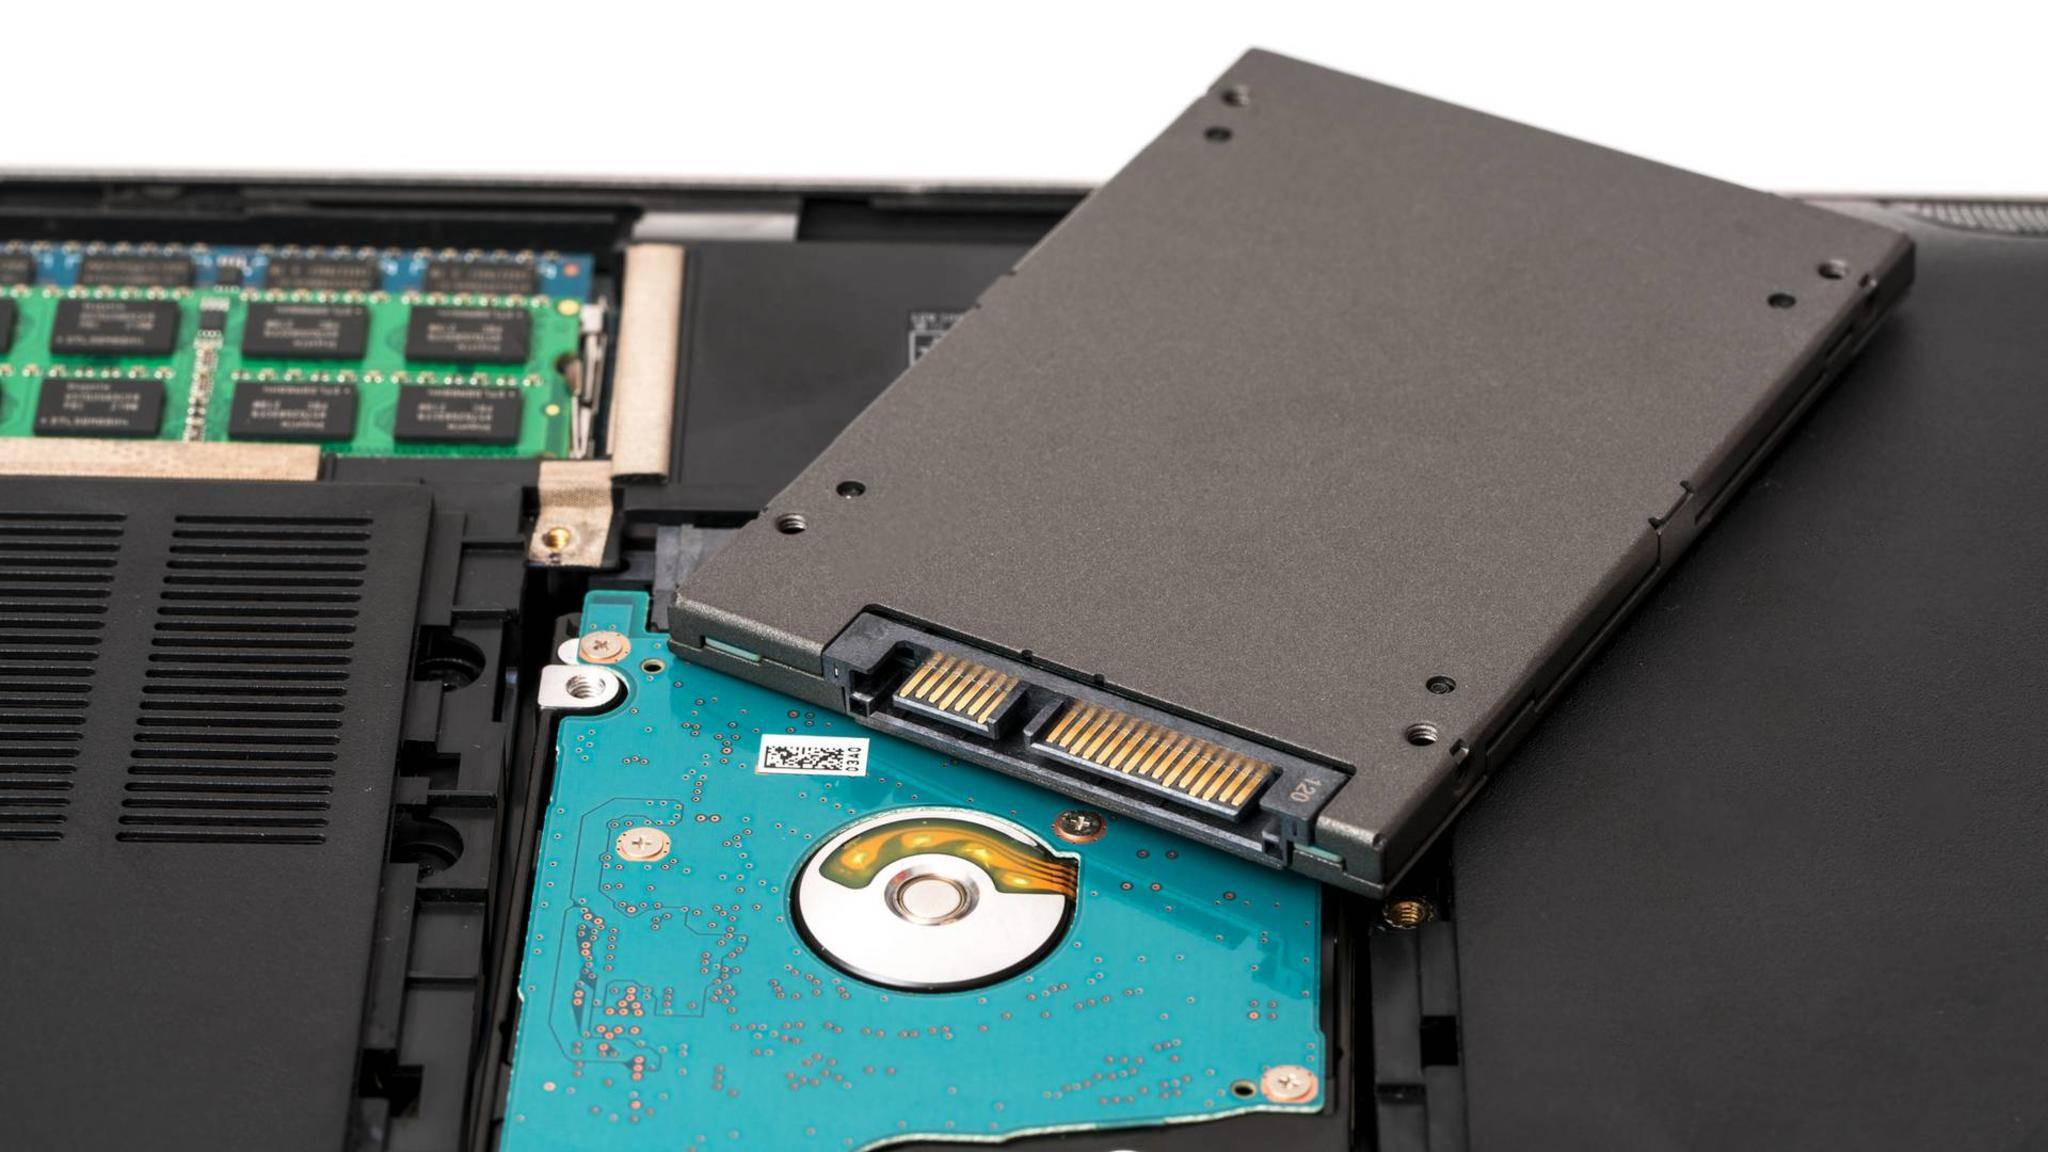 Wer eine SSD einbaut, kann selbst ältere Notebooks erheblich beschleunigen.